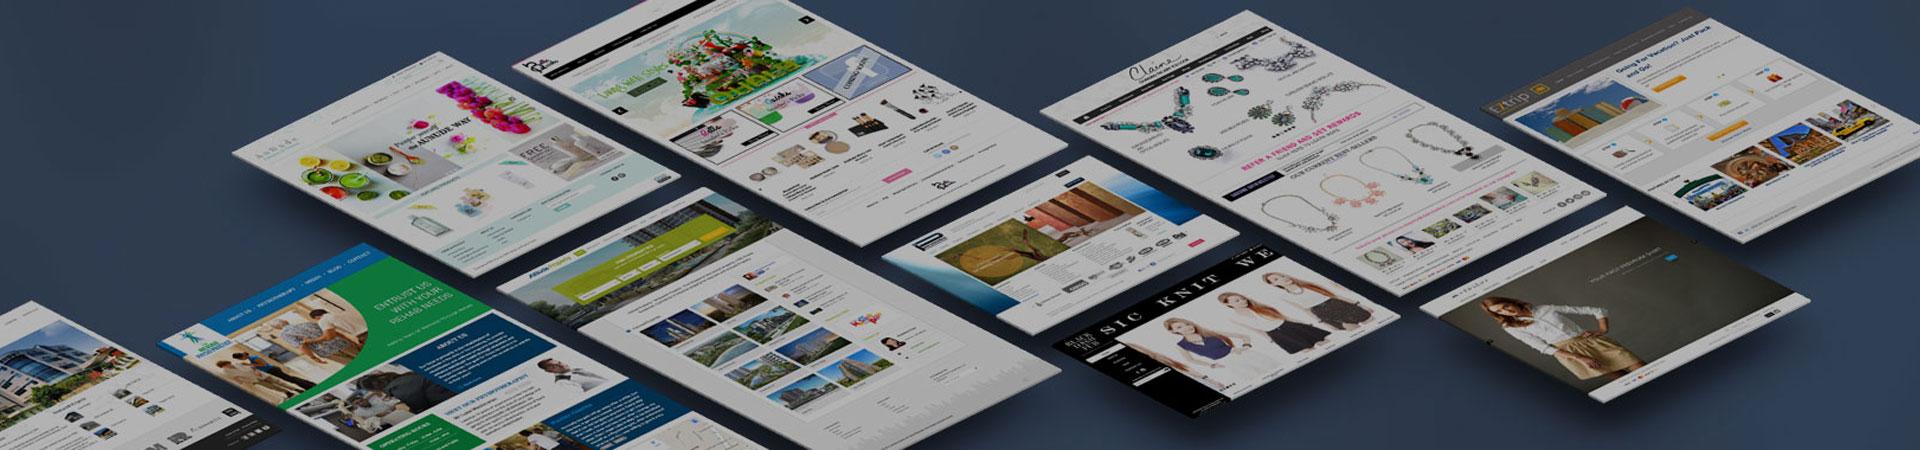 Website Design Singapore - Sunny Cove